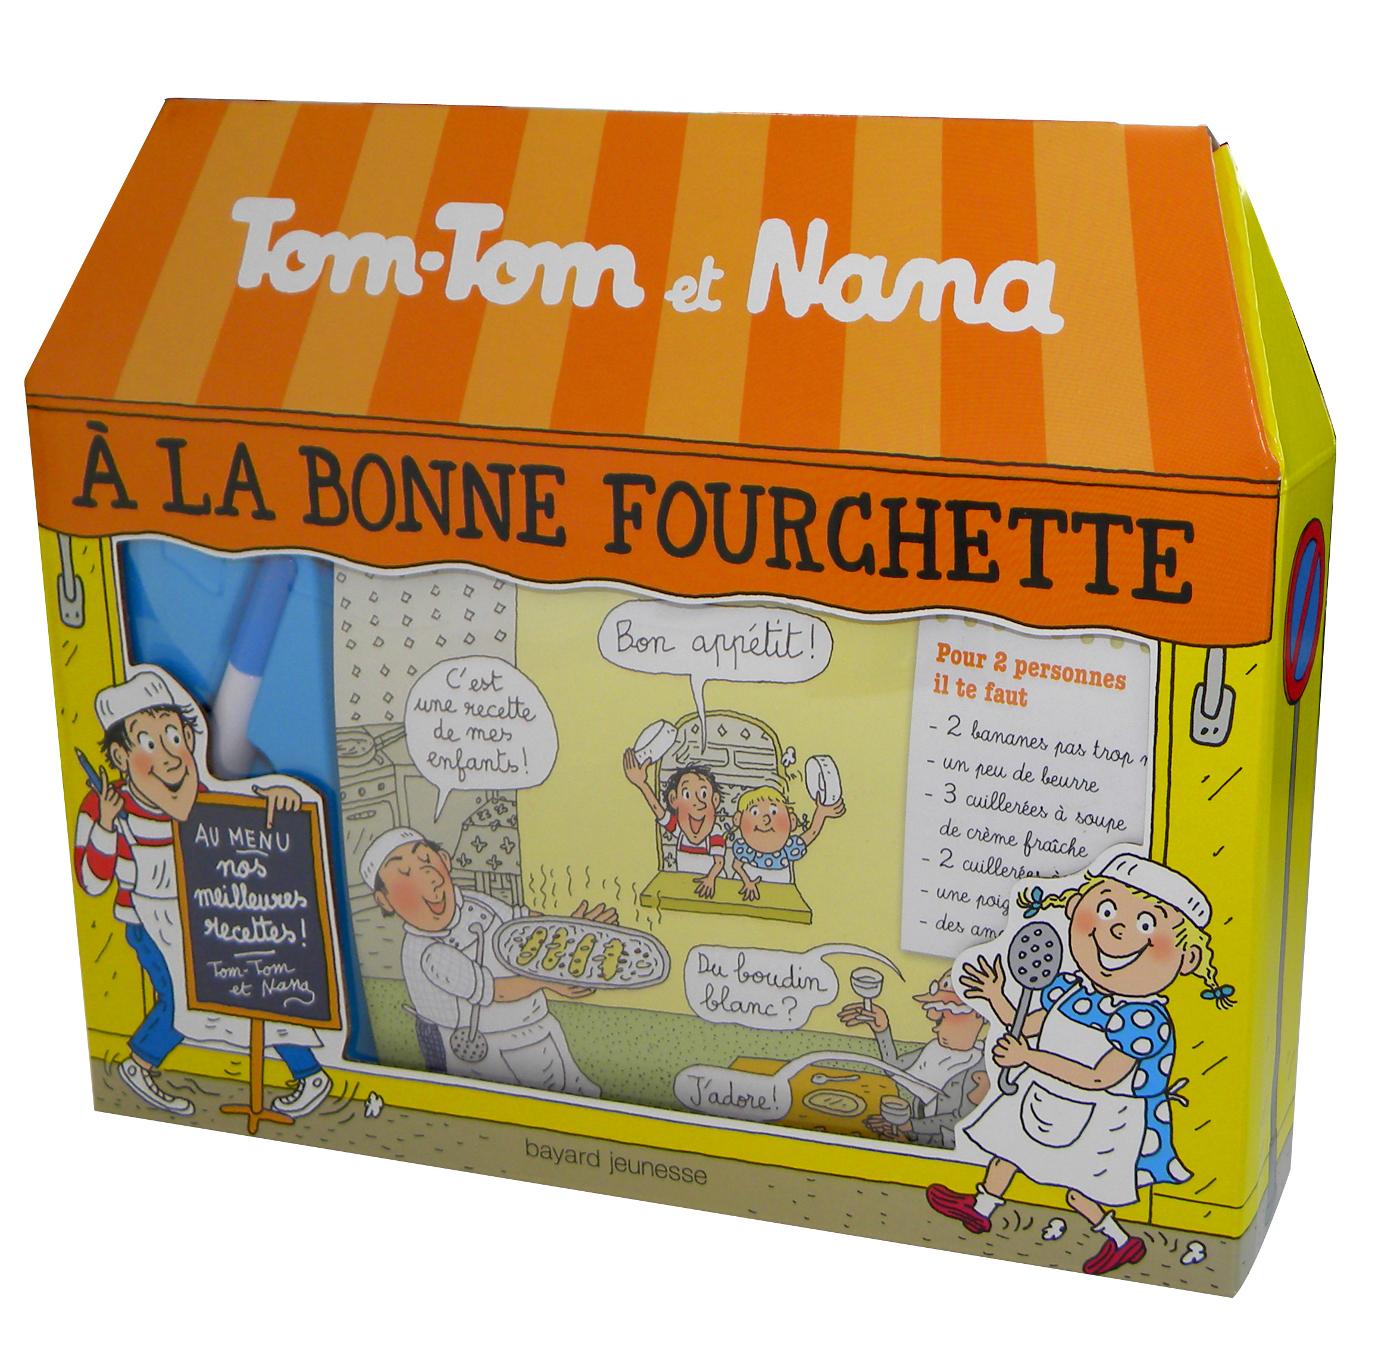 A LA BONNE FOURCHETTE - COFFRET TOM-TOM ET NANA